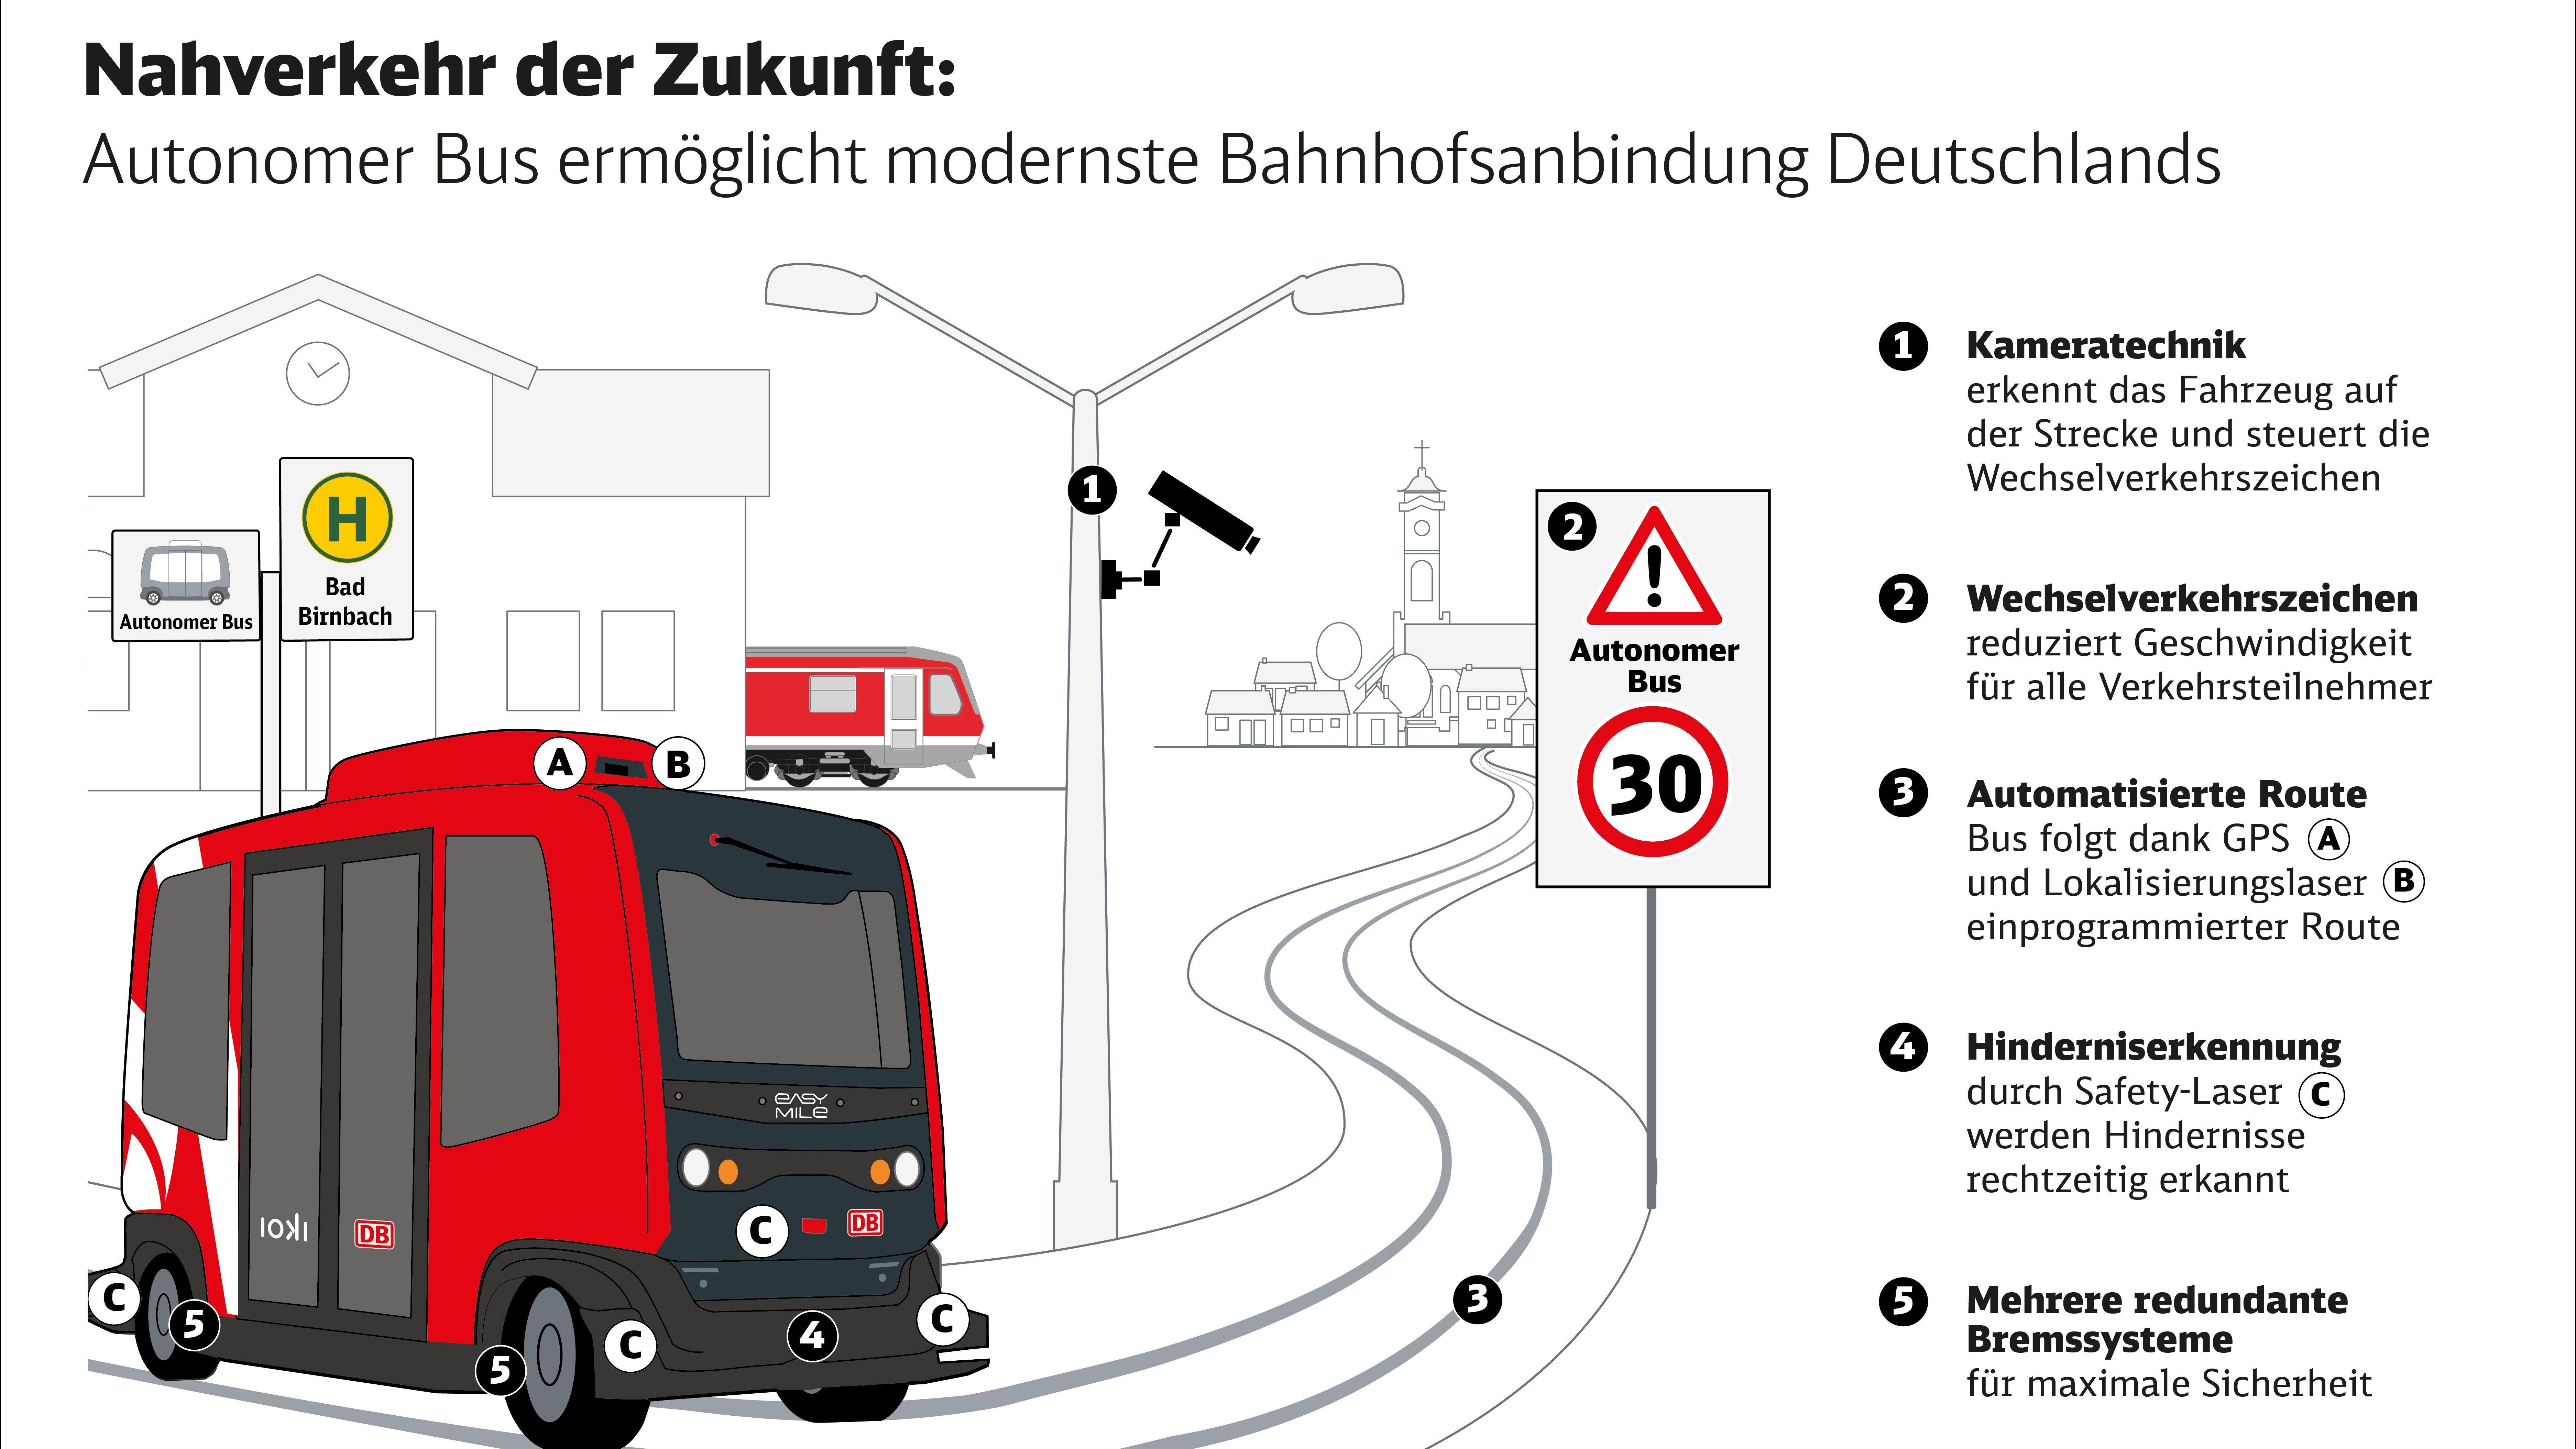 Infografik zum autonomen Bus